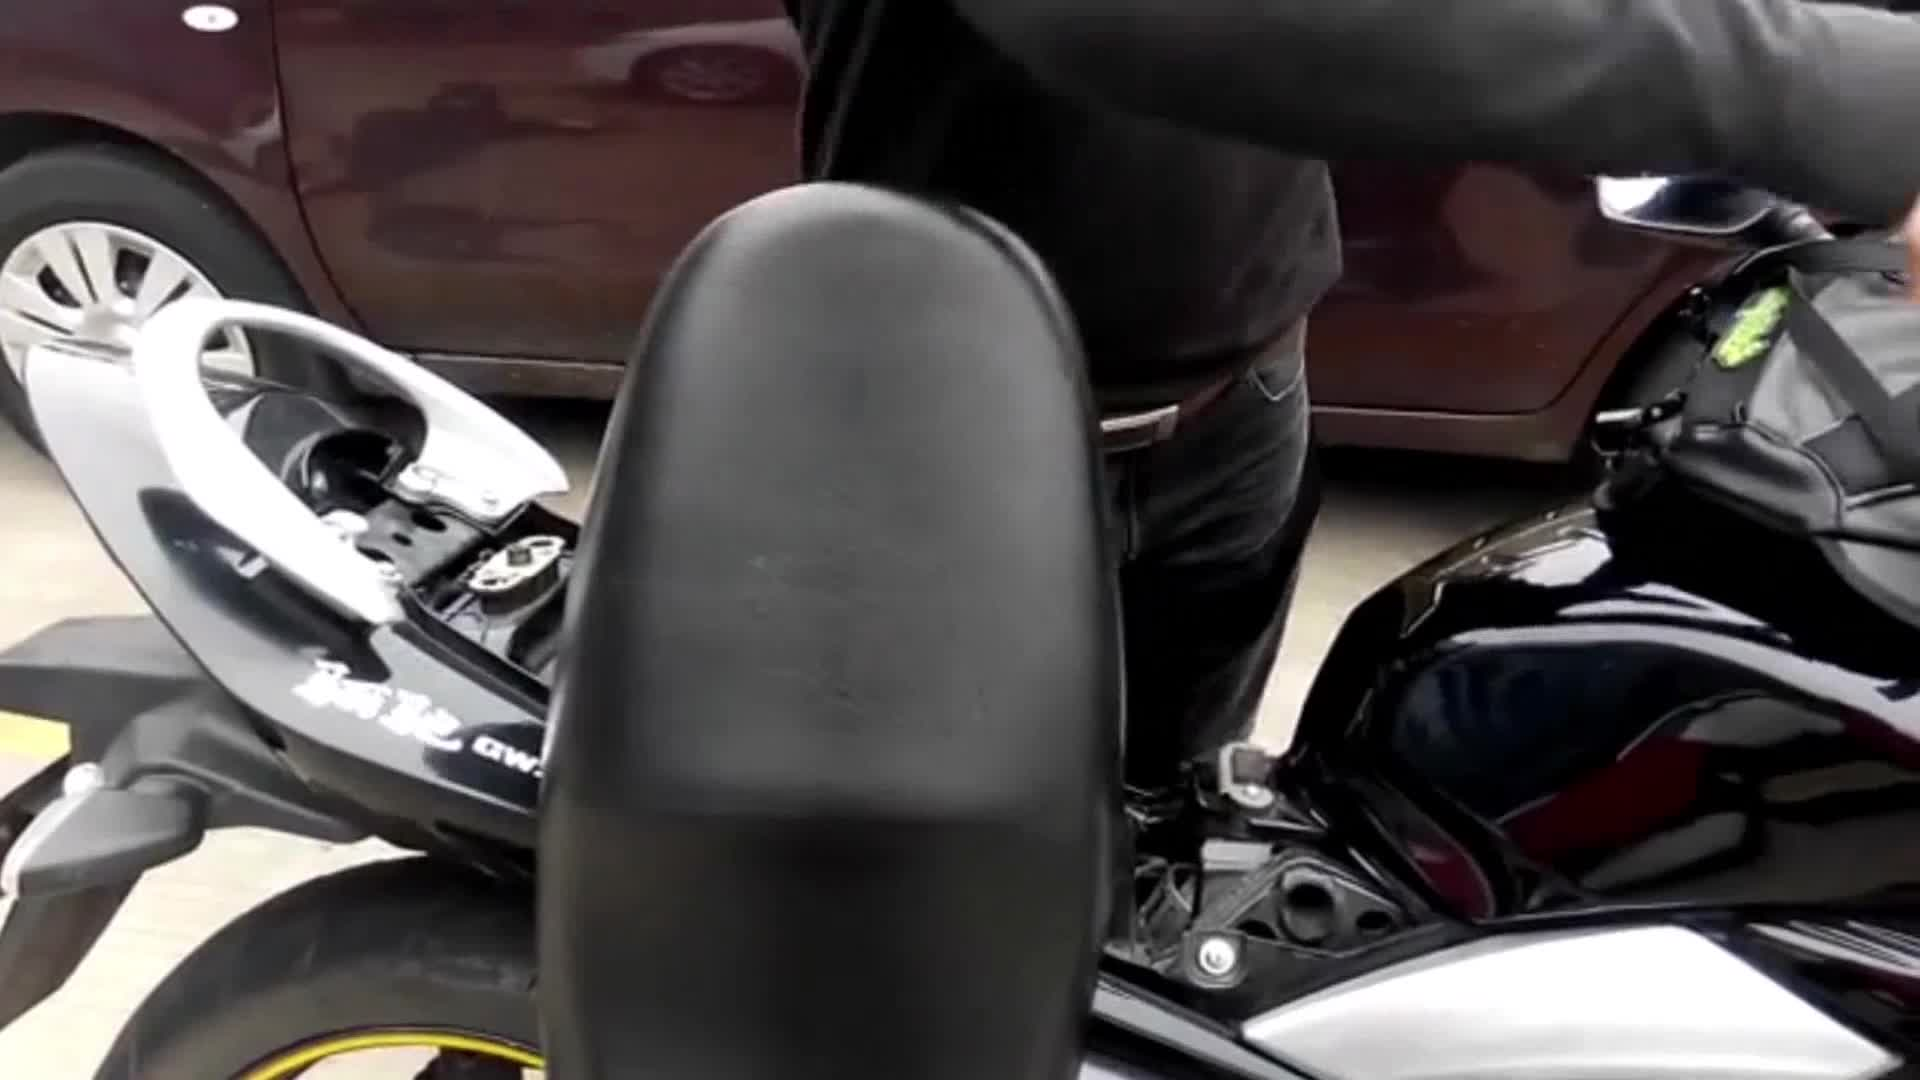 Katur Motorrad Rücksitz Tankrucksack Multifunktionale Wasserdichte Pu Leder Aufbewahrungstasche Satteltasche Motorrad Rücksitz Super Light Tail Zubehör Taschen Schwarz Auto